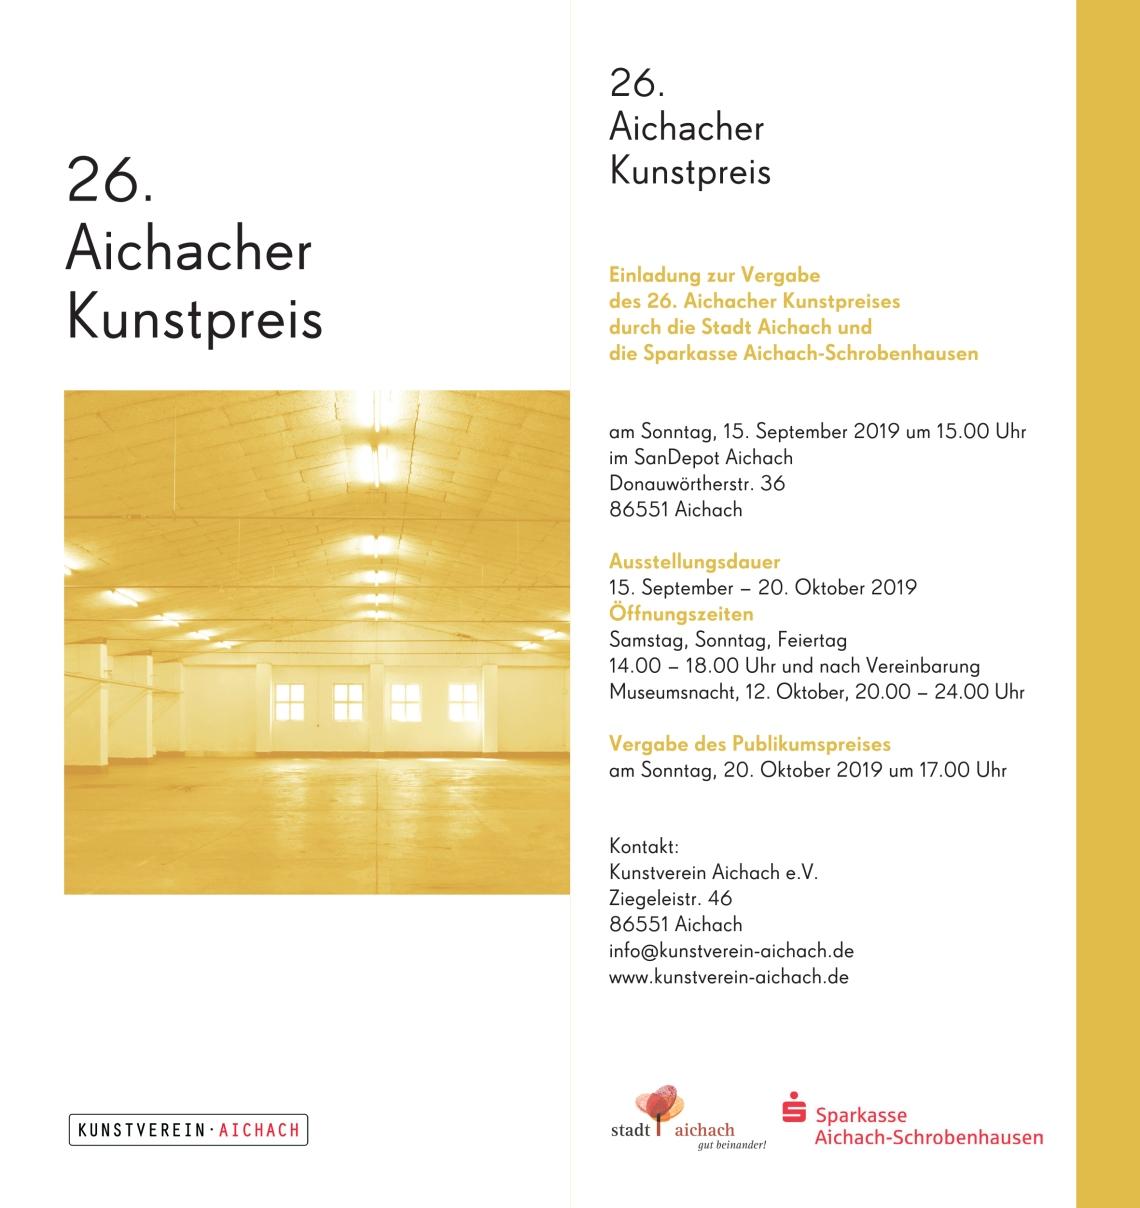 26. Aichacher Kunstrpeis  15.09.-20.10.2019